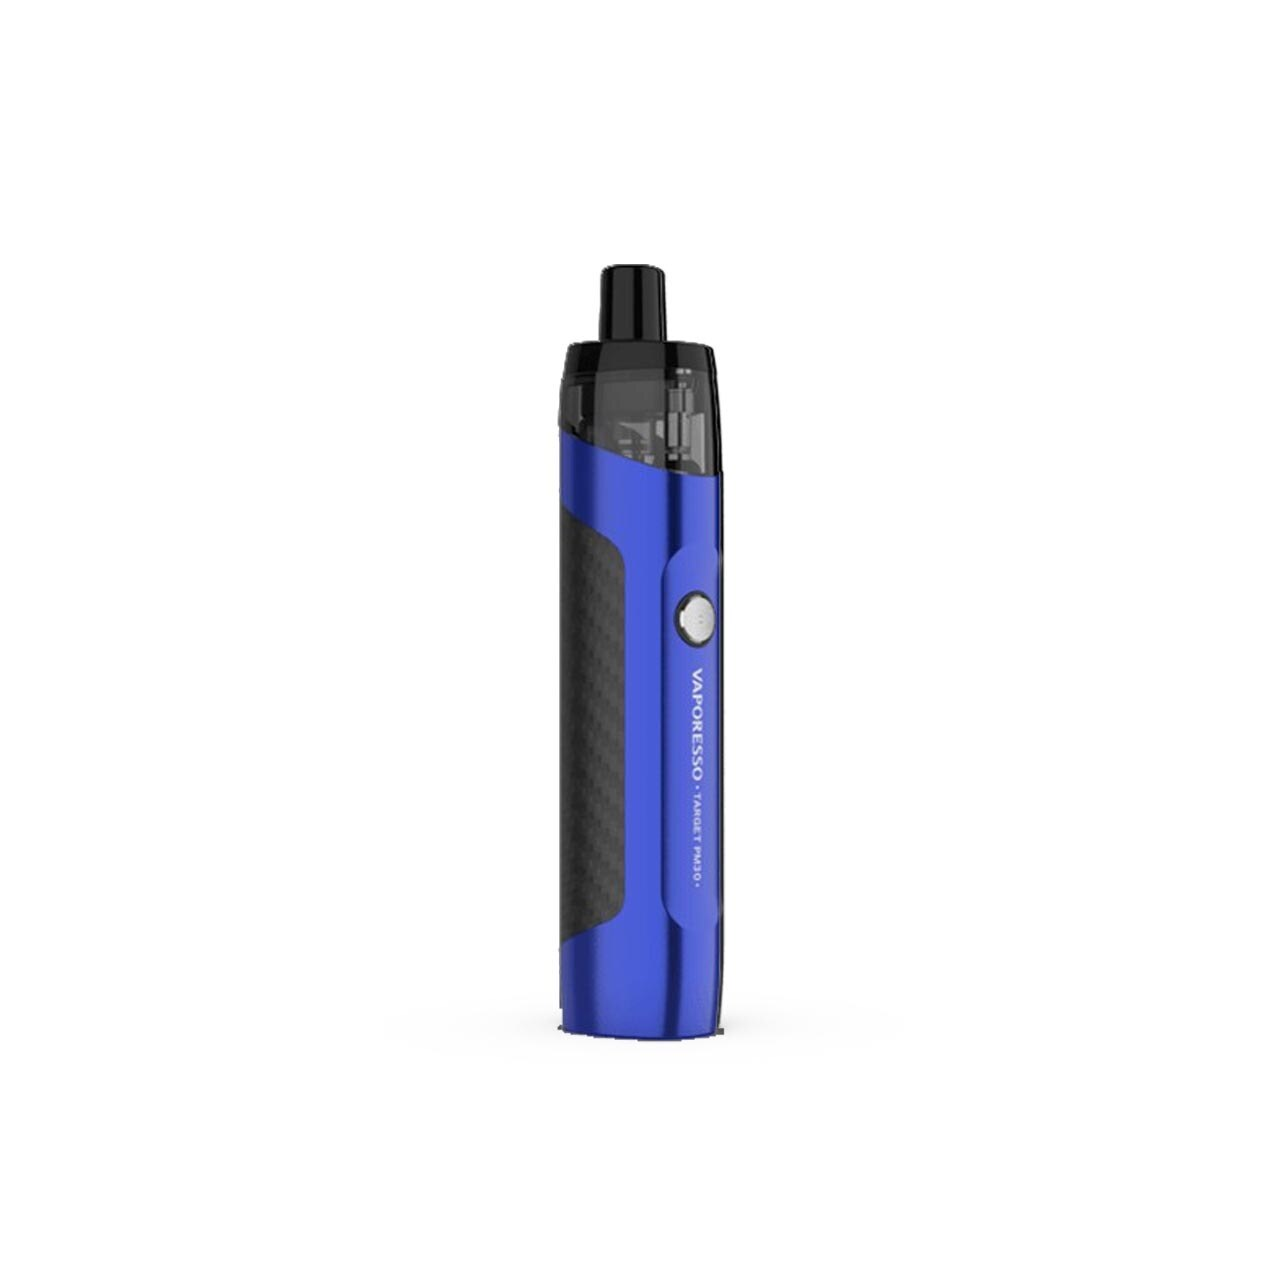 Vaporesso Target PM30 Kit Royal Blue